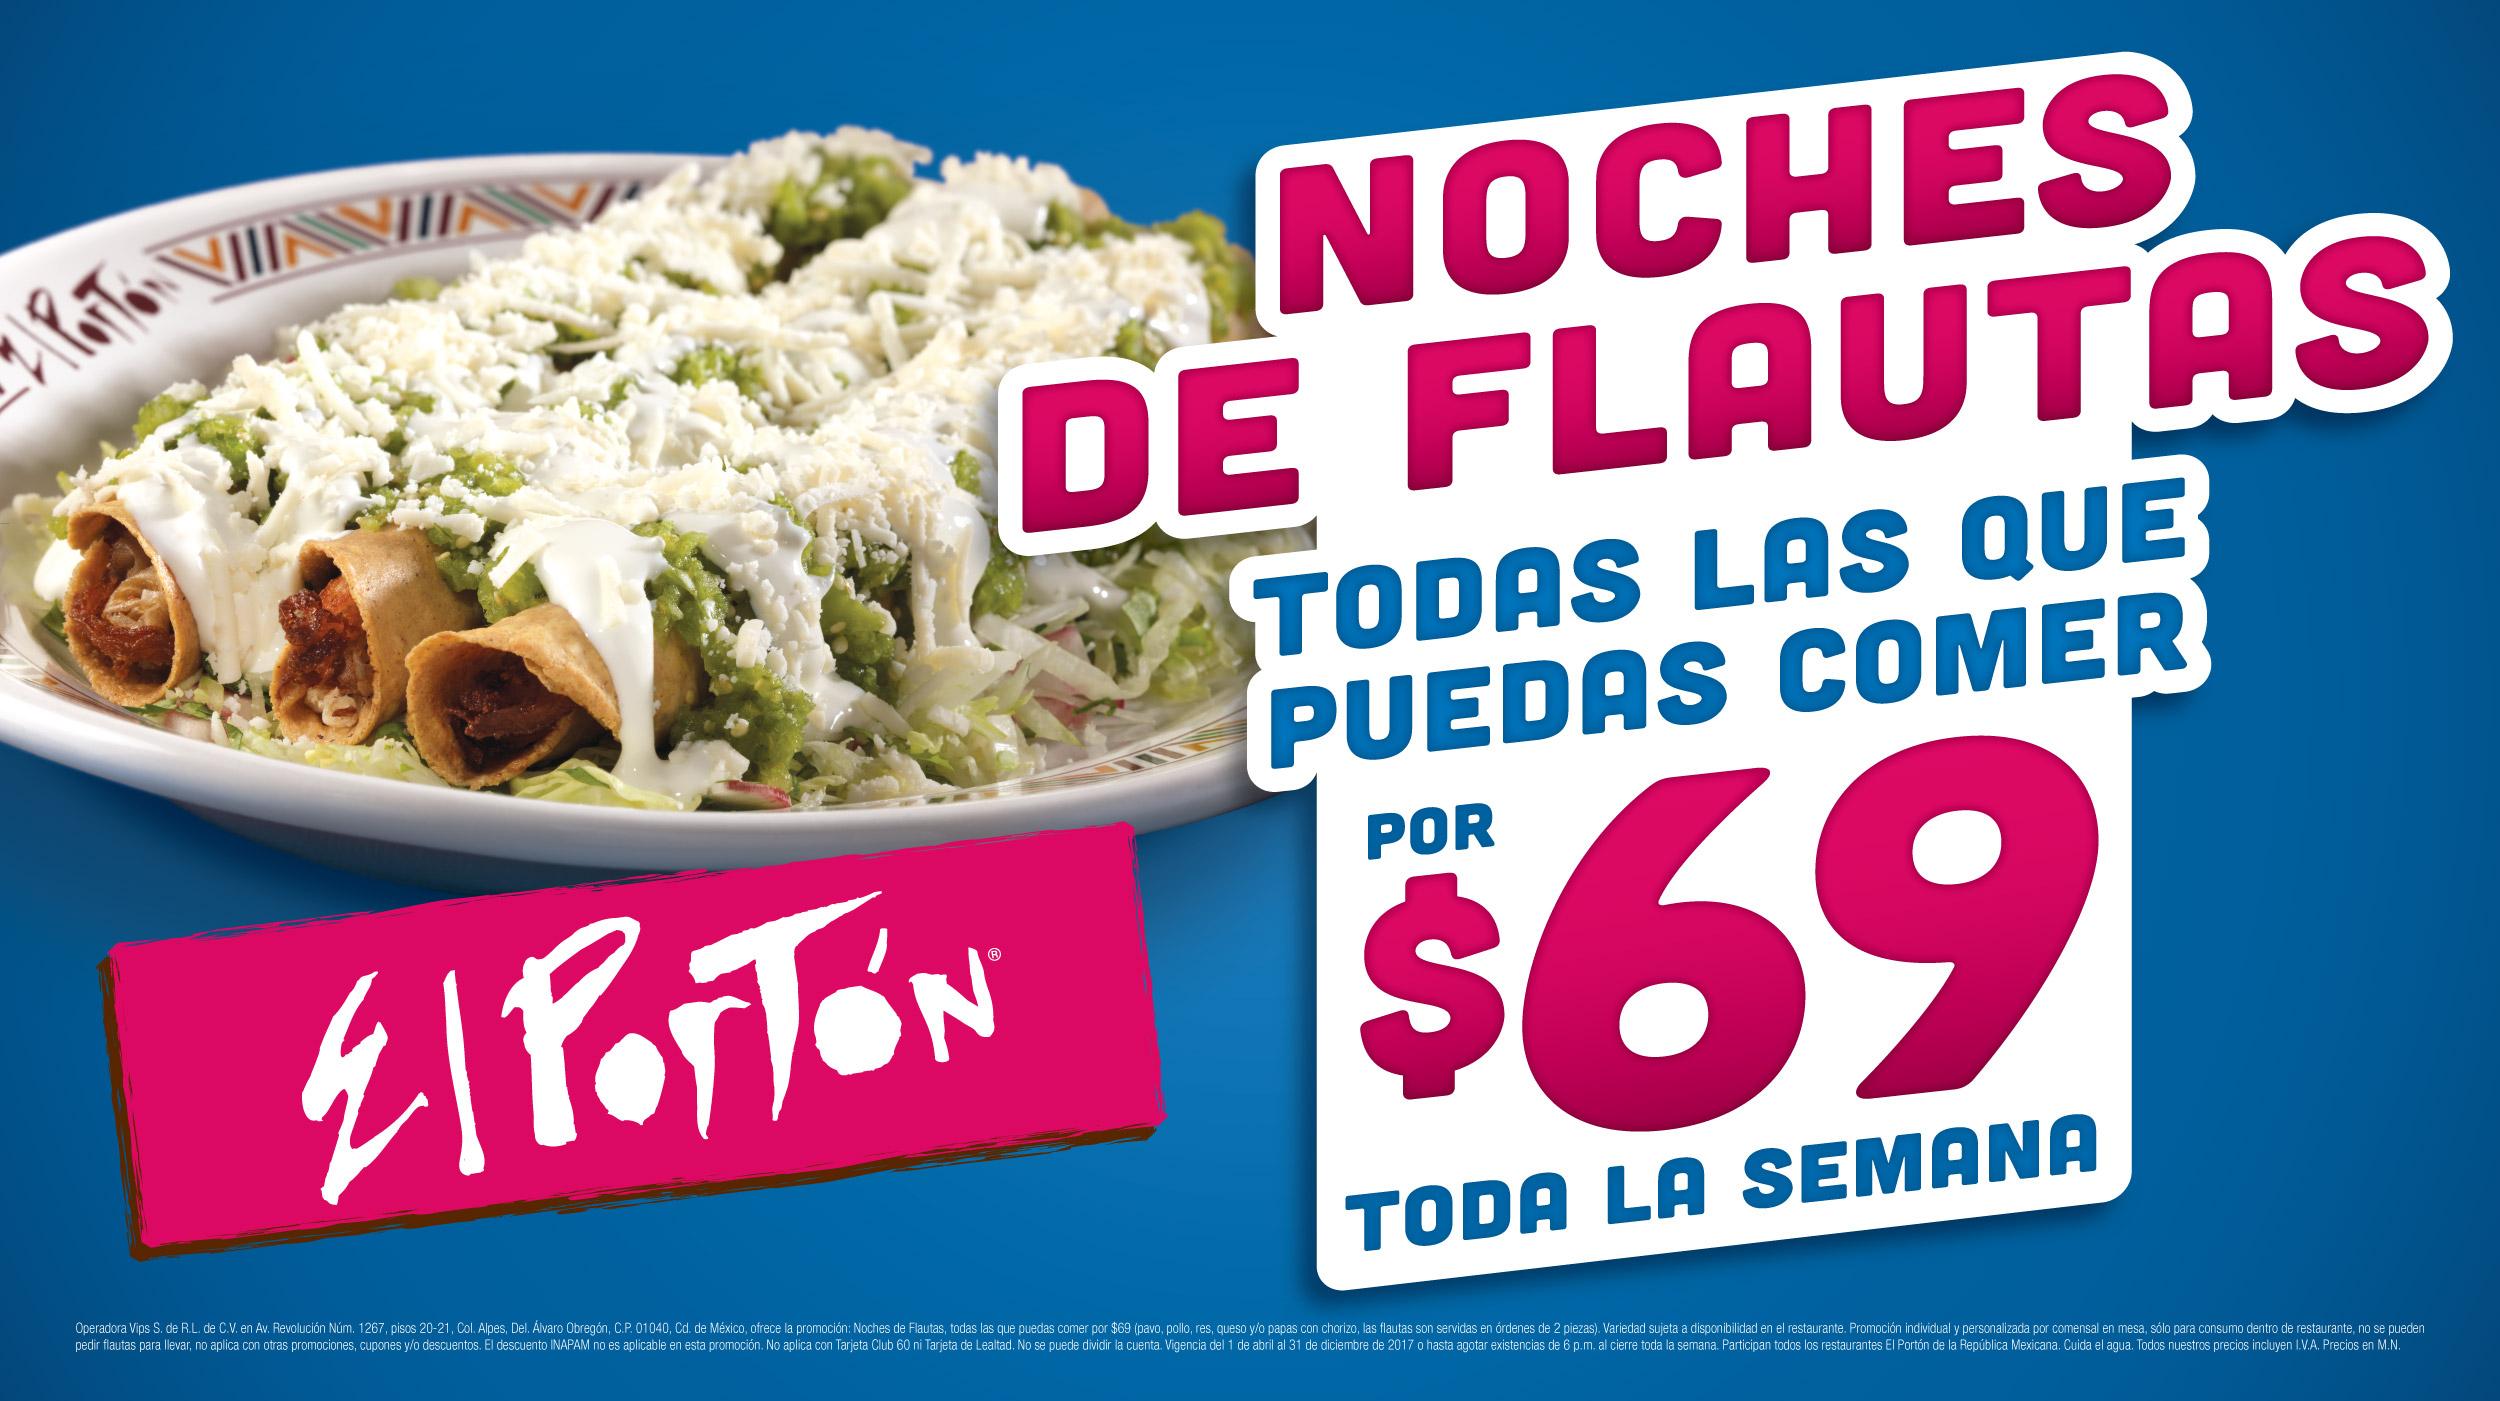 """El Portón: """"Noches de Flautas"""" $69 todas las que puedas comer"""